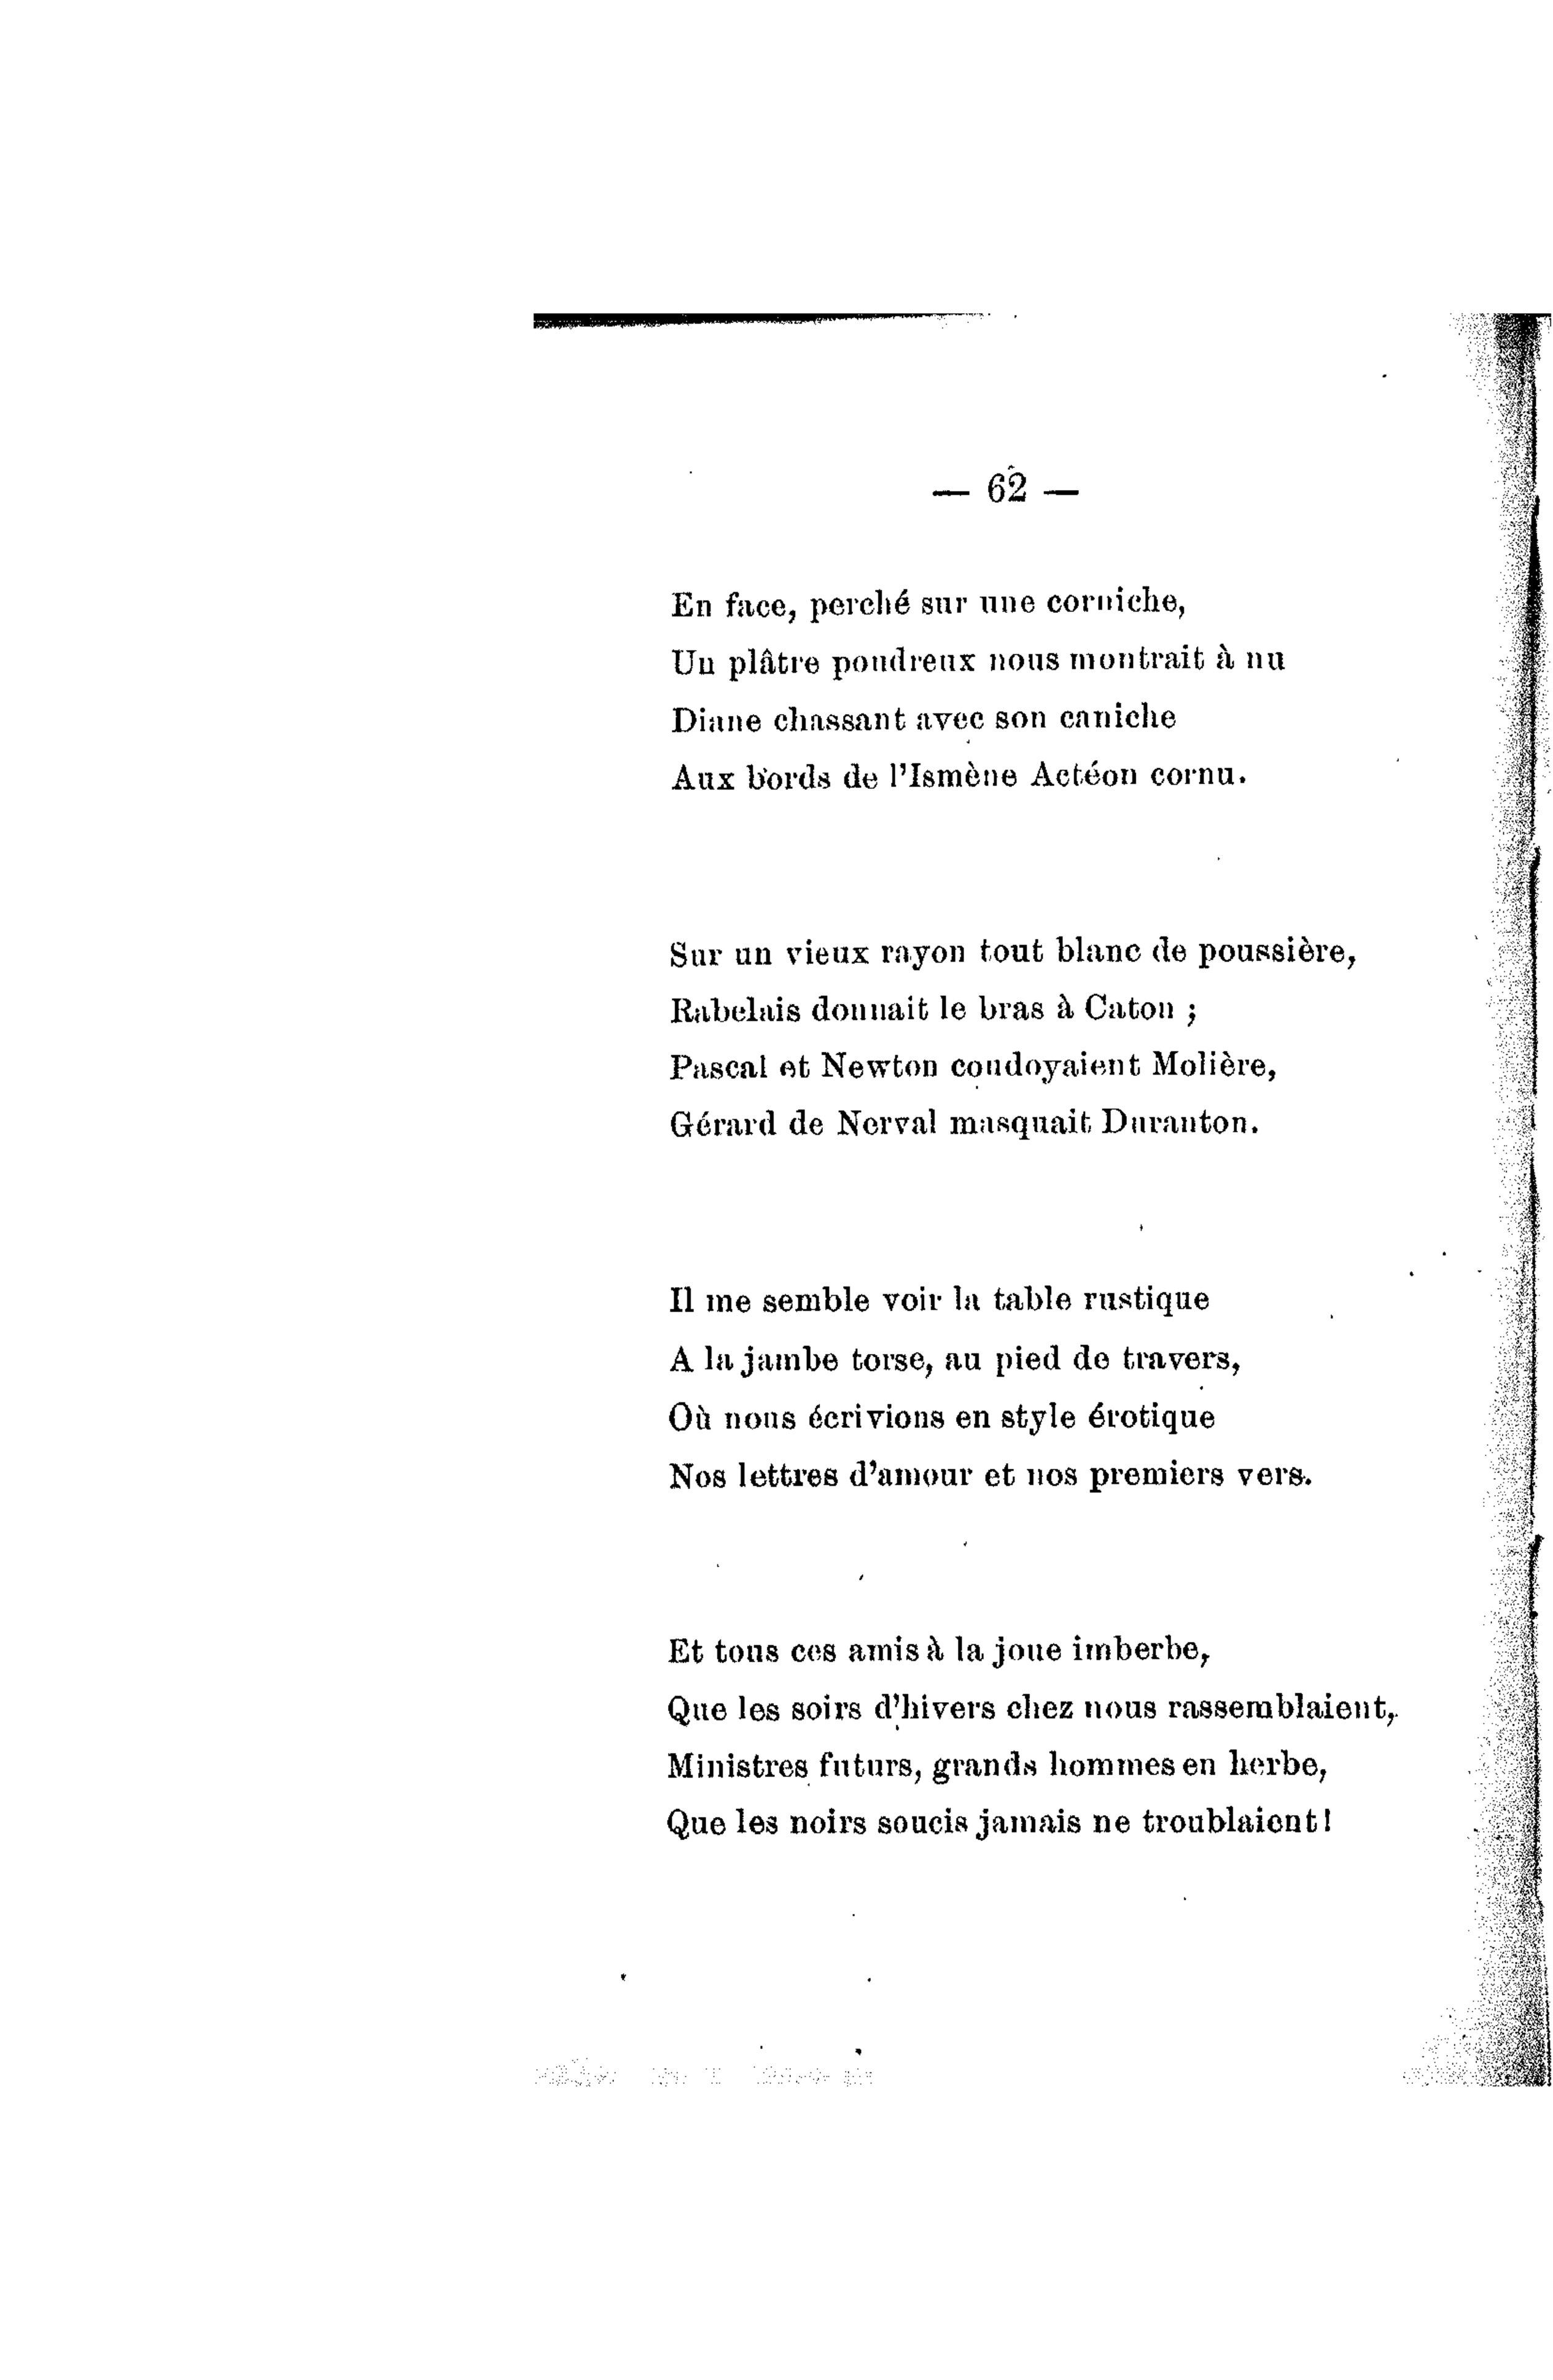 Les lettres d amour des grands hommes [PUNIQRANDLINE-(au-dating-names.txt) 21